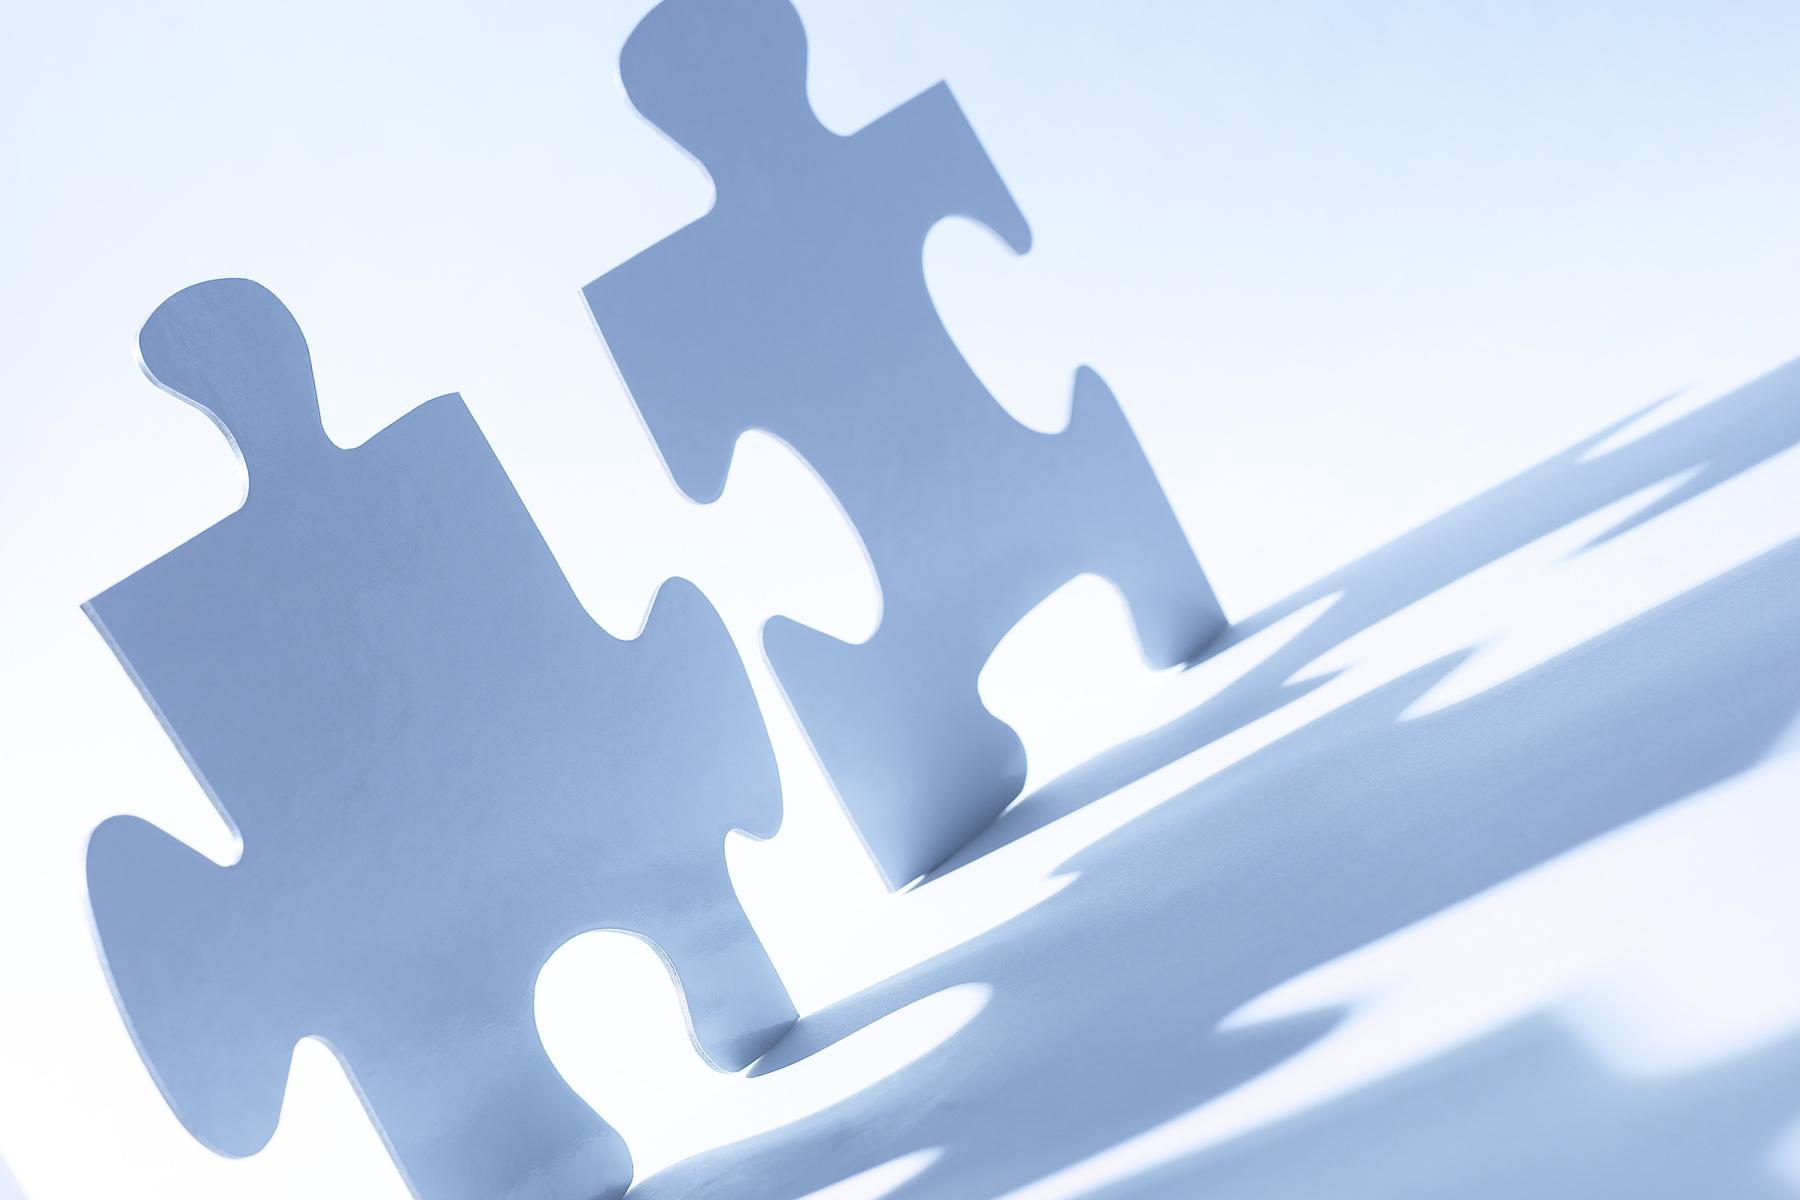 Puzzle pieces, leading change